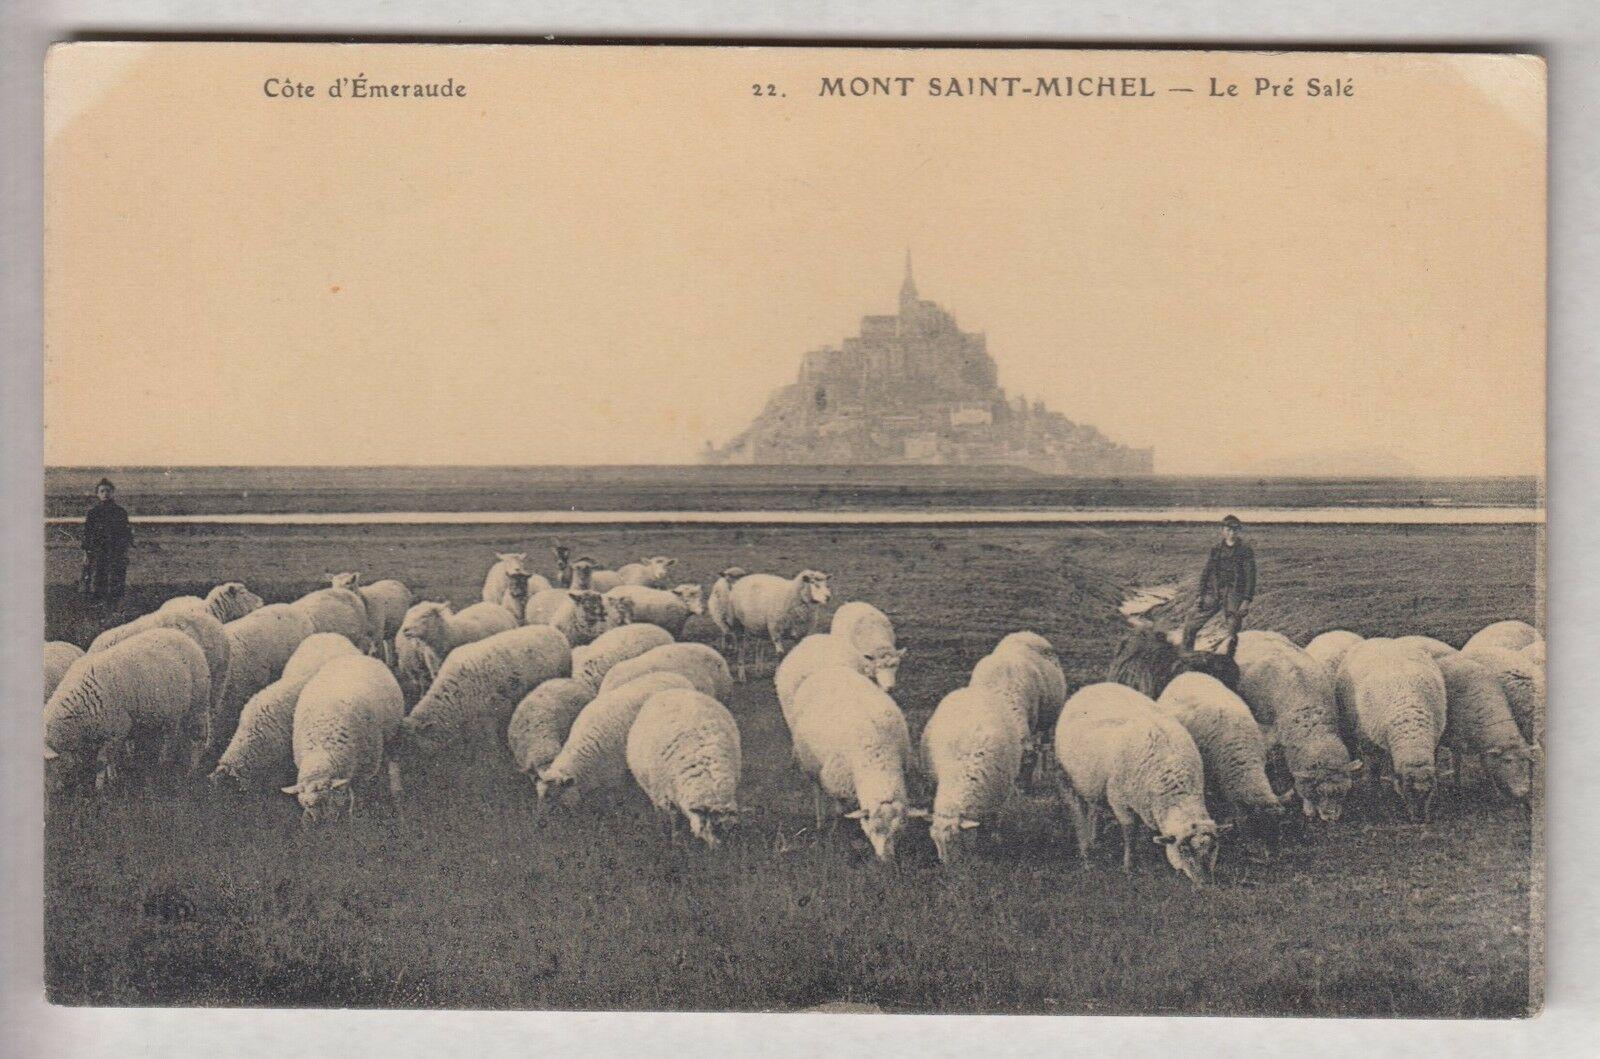 """L'agneau de pré salé, un """"must"""" qui a désormais son AOP. Ici sur une ancienne carte postale - DR"""